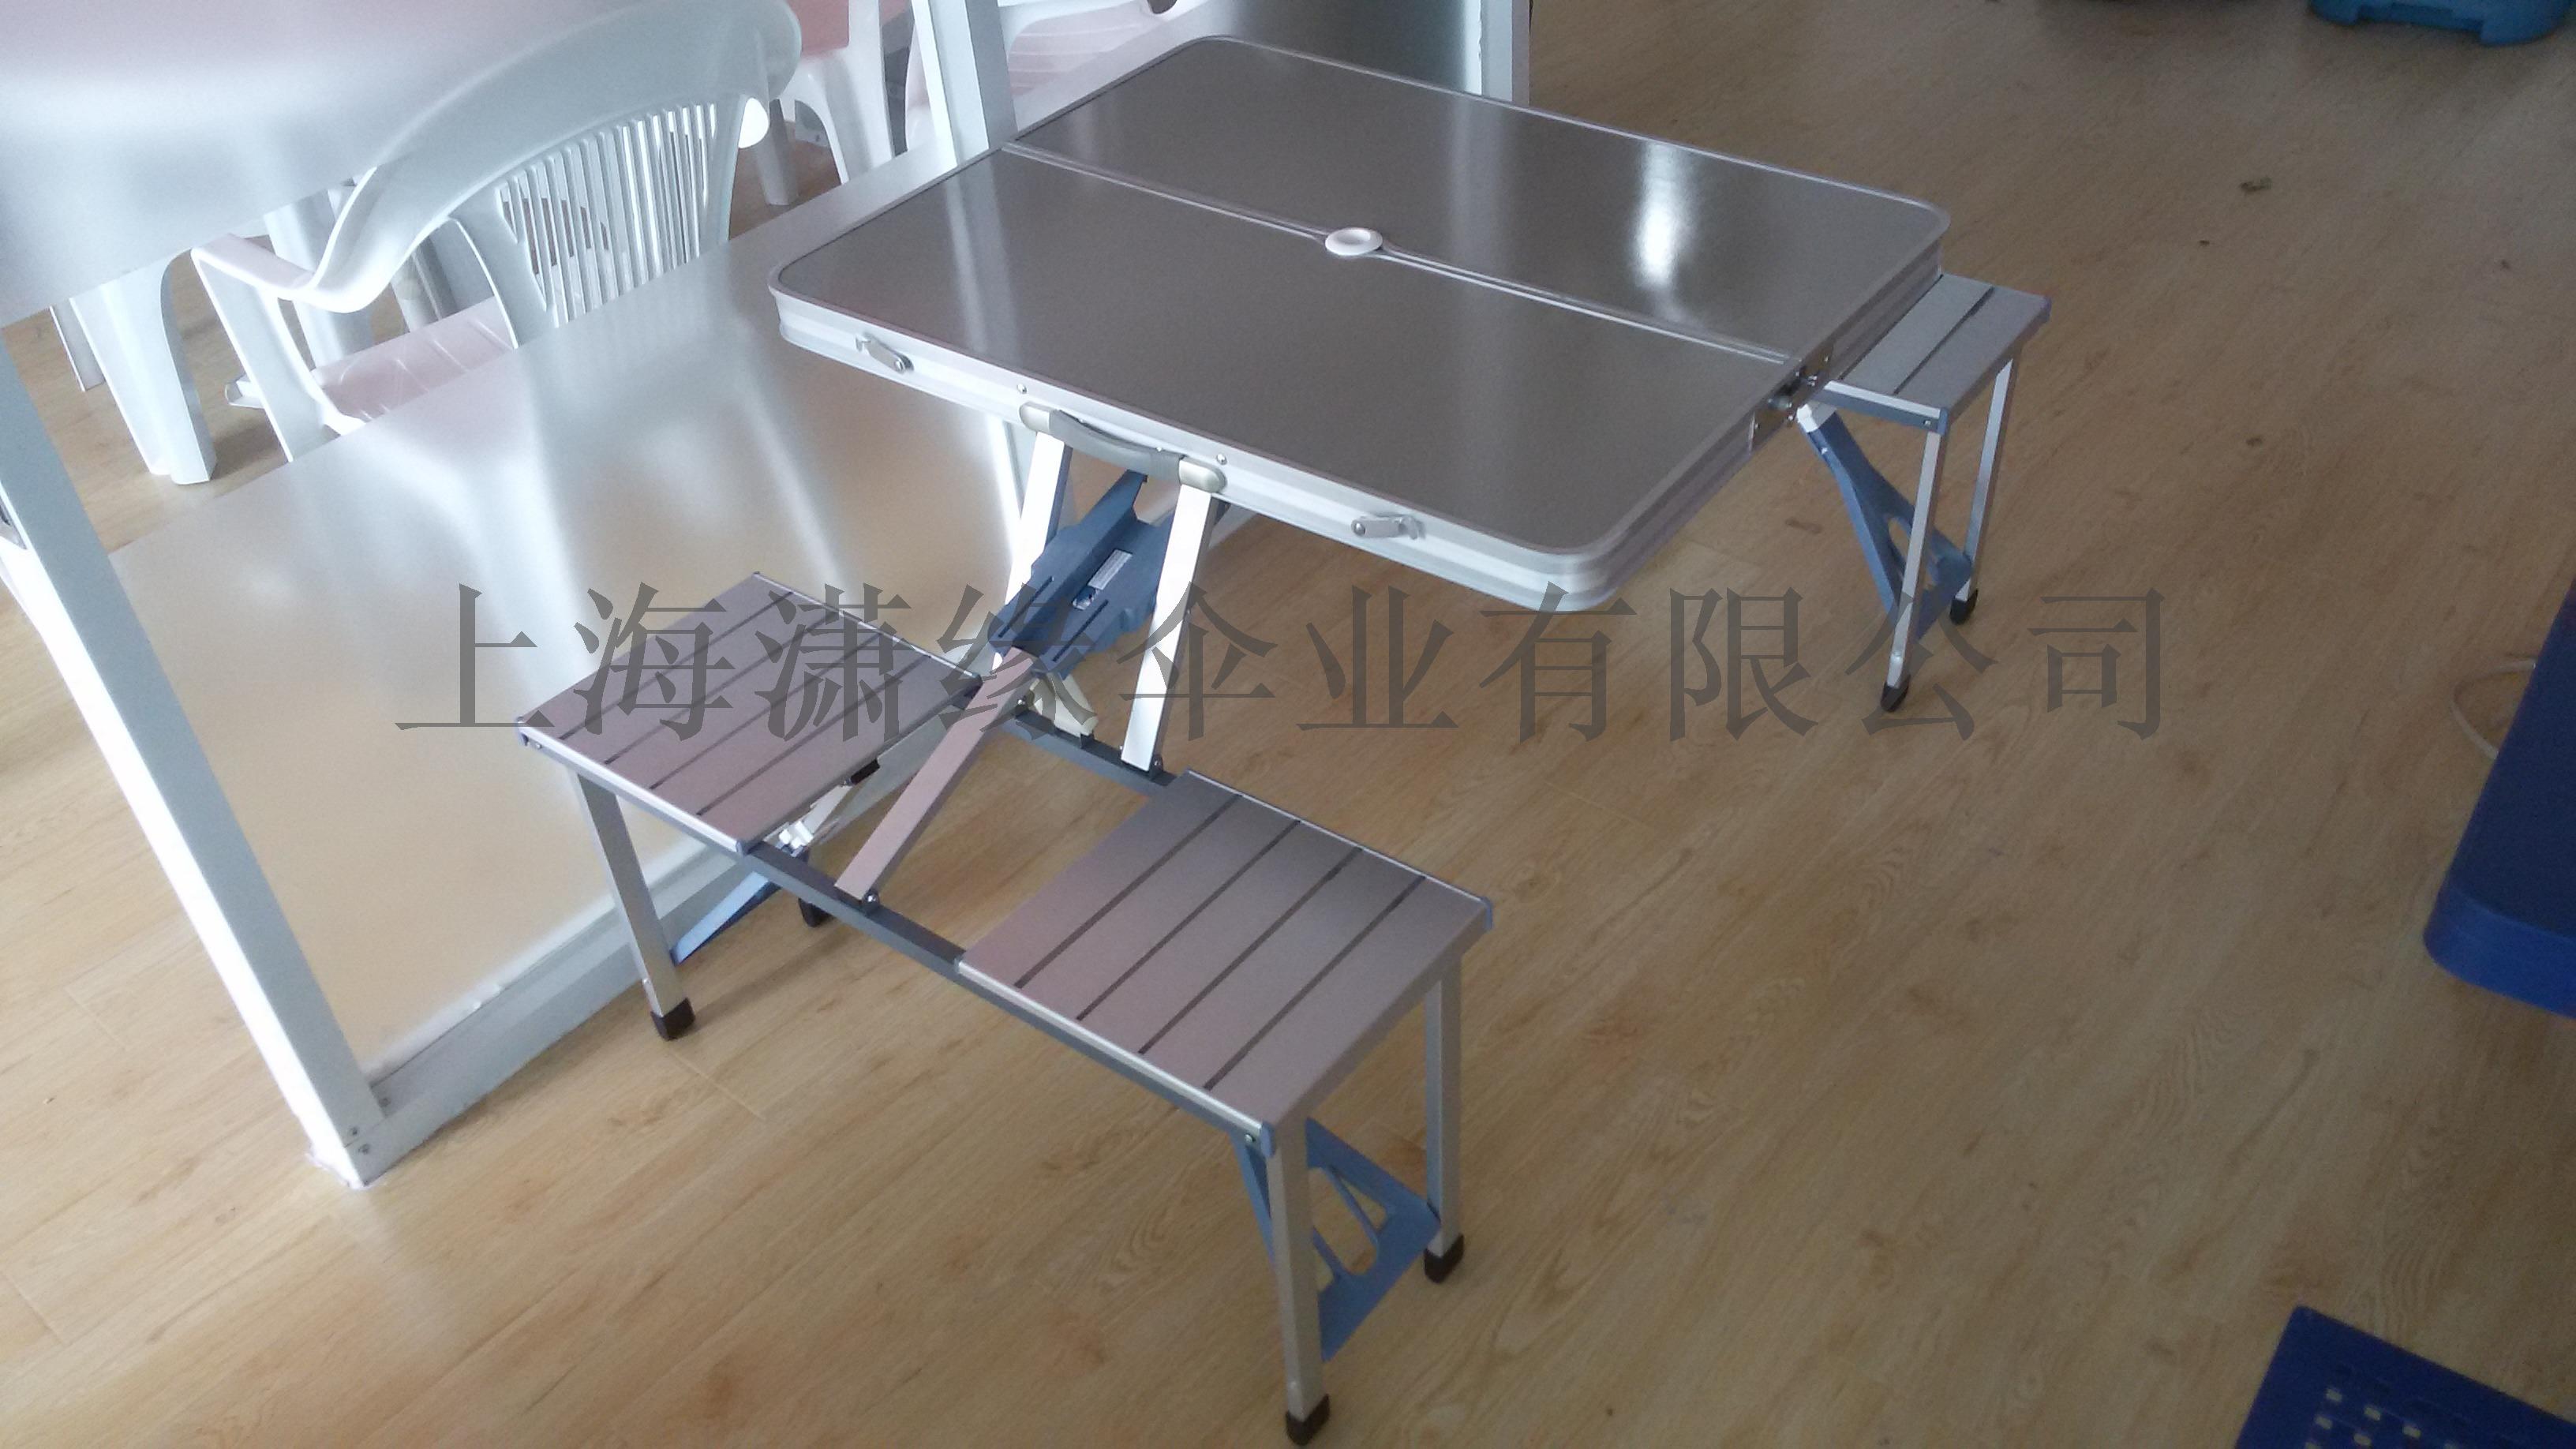 铝合金连体折叠桌便携式休闲野餐摆摊桌可折叠桌椅118434072